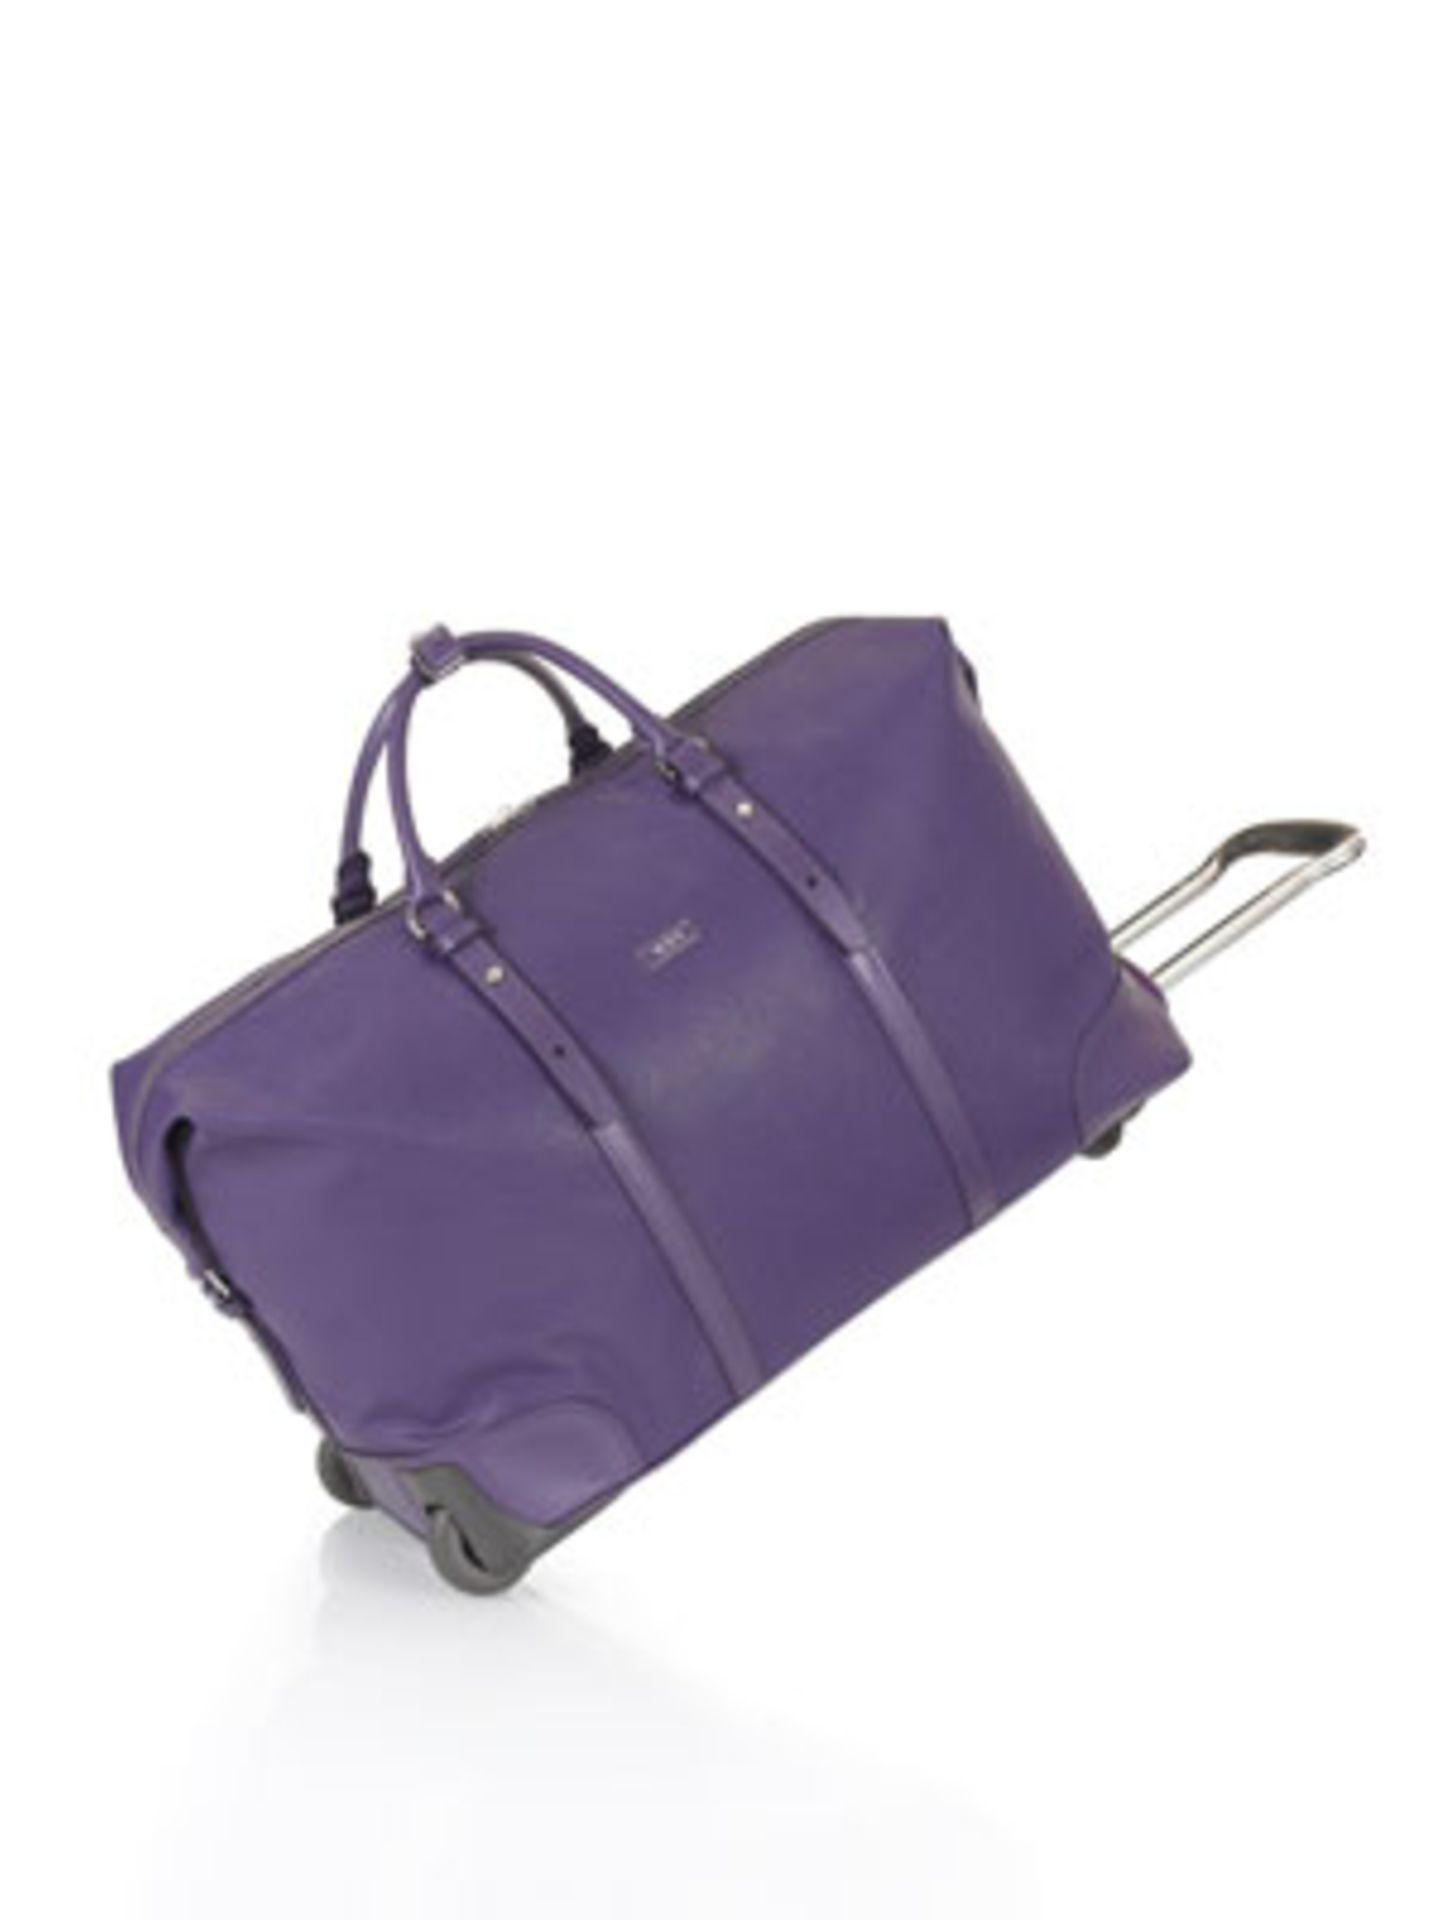 Reisetasche aus violettfarbenem Leder mit Rollen von Tumi, um 895 Euro.